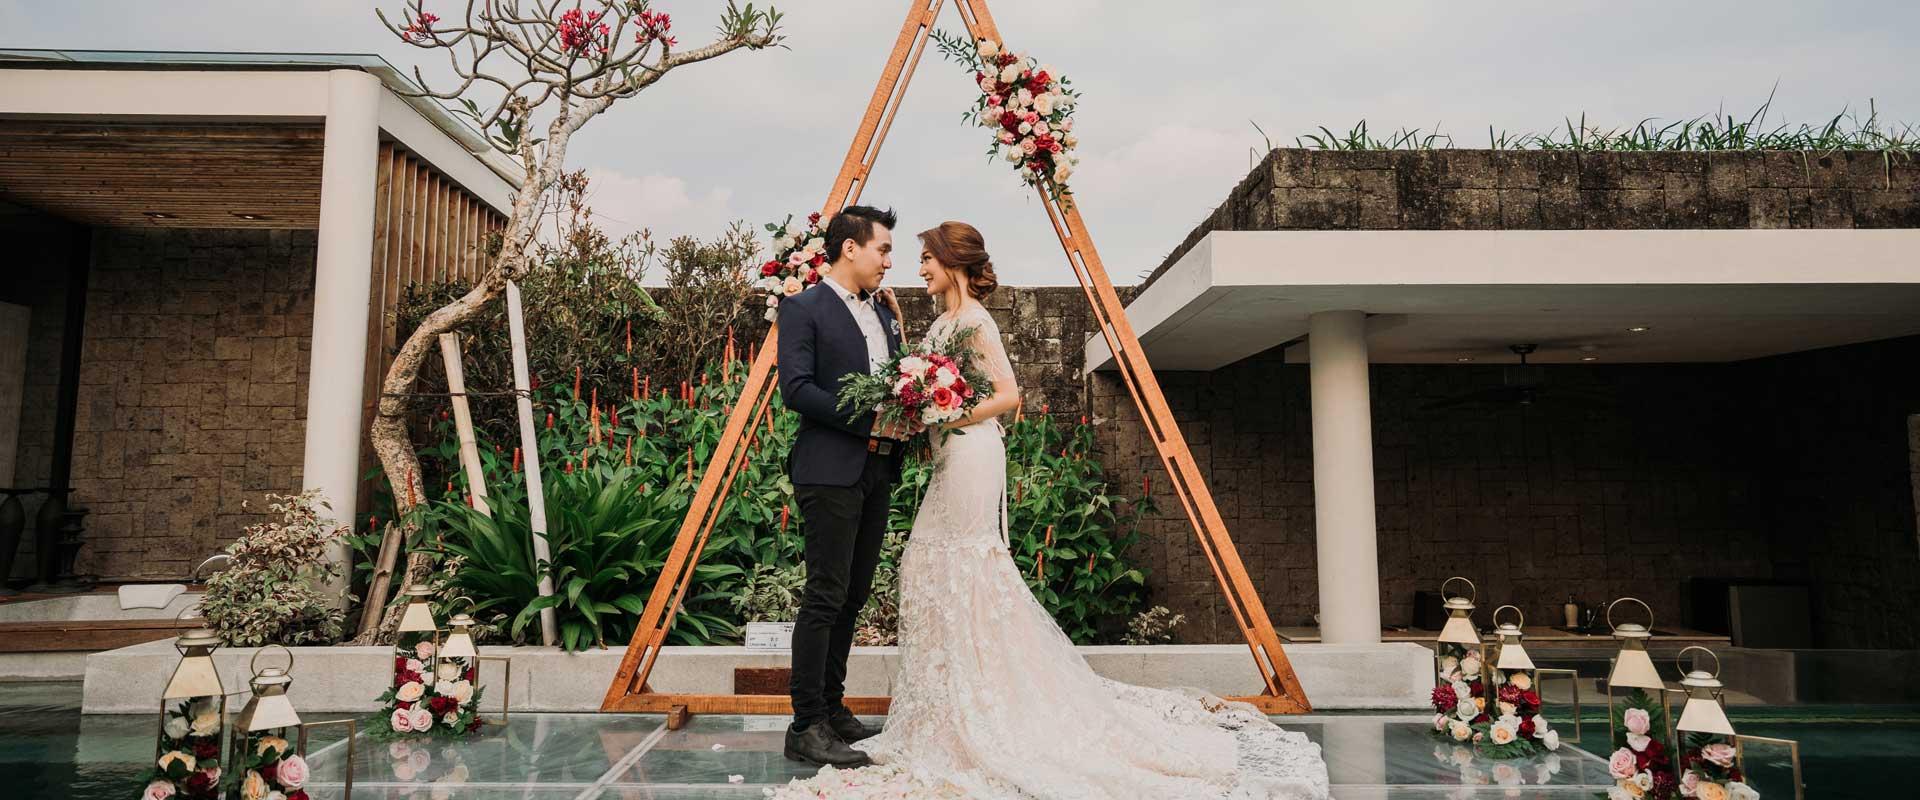 wedding ceremony berry amour seminyak